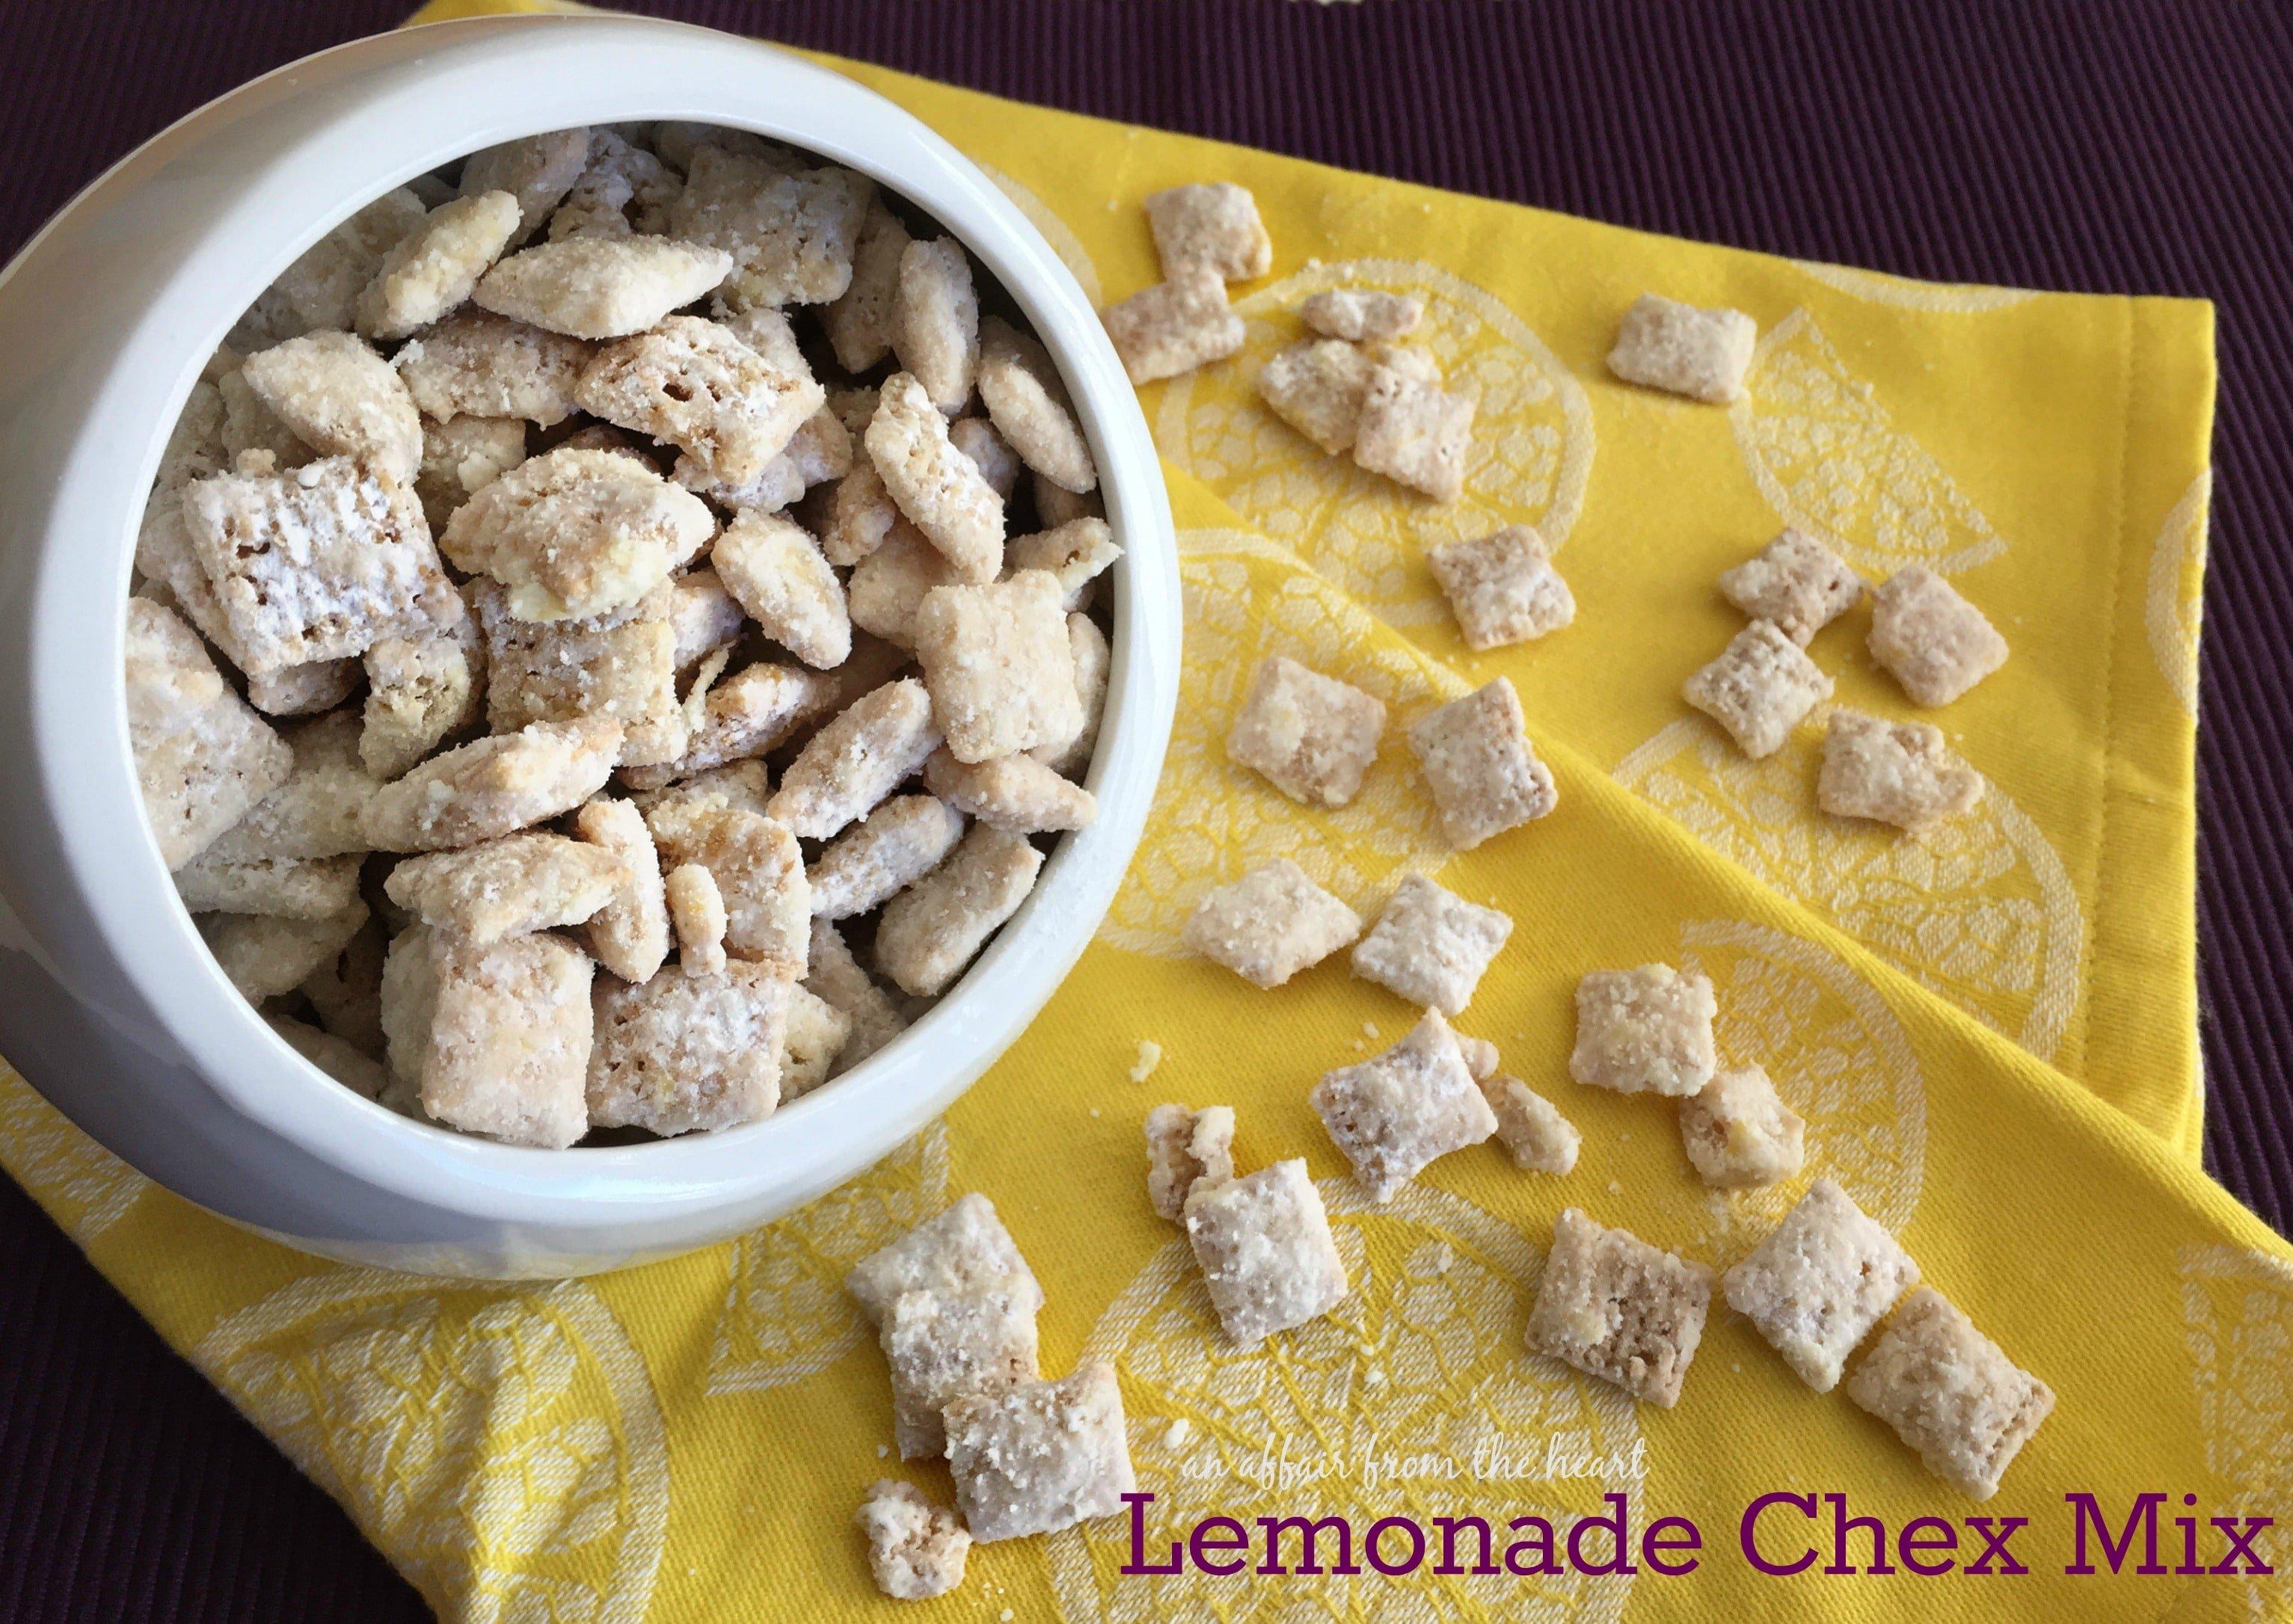 Lemonade Chex Mix White Chocolate Lemonade Puppy Chow